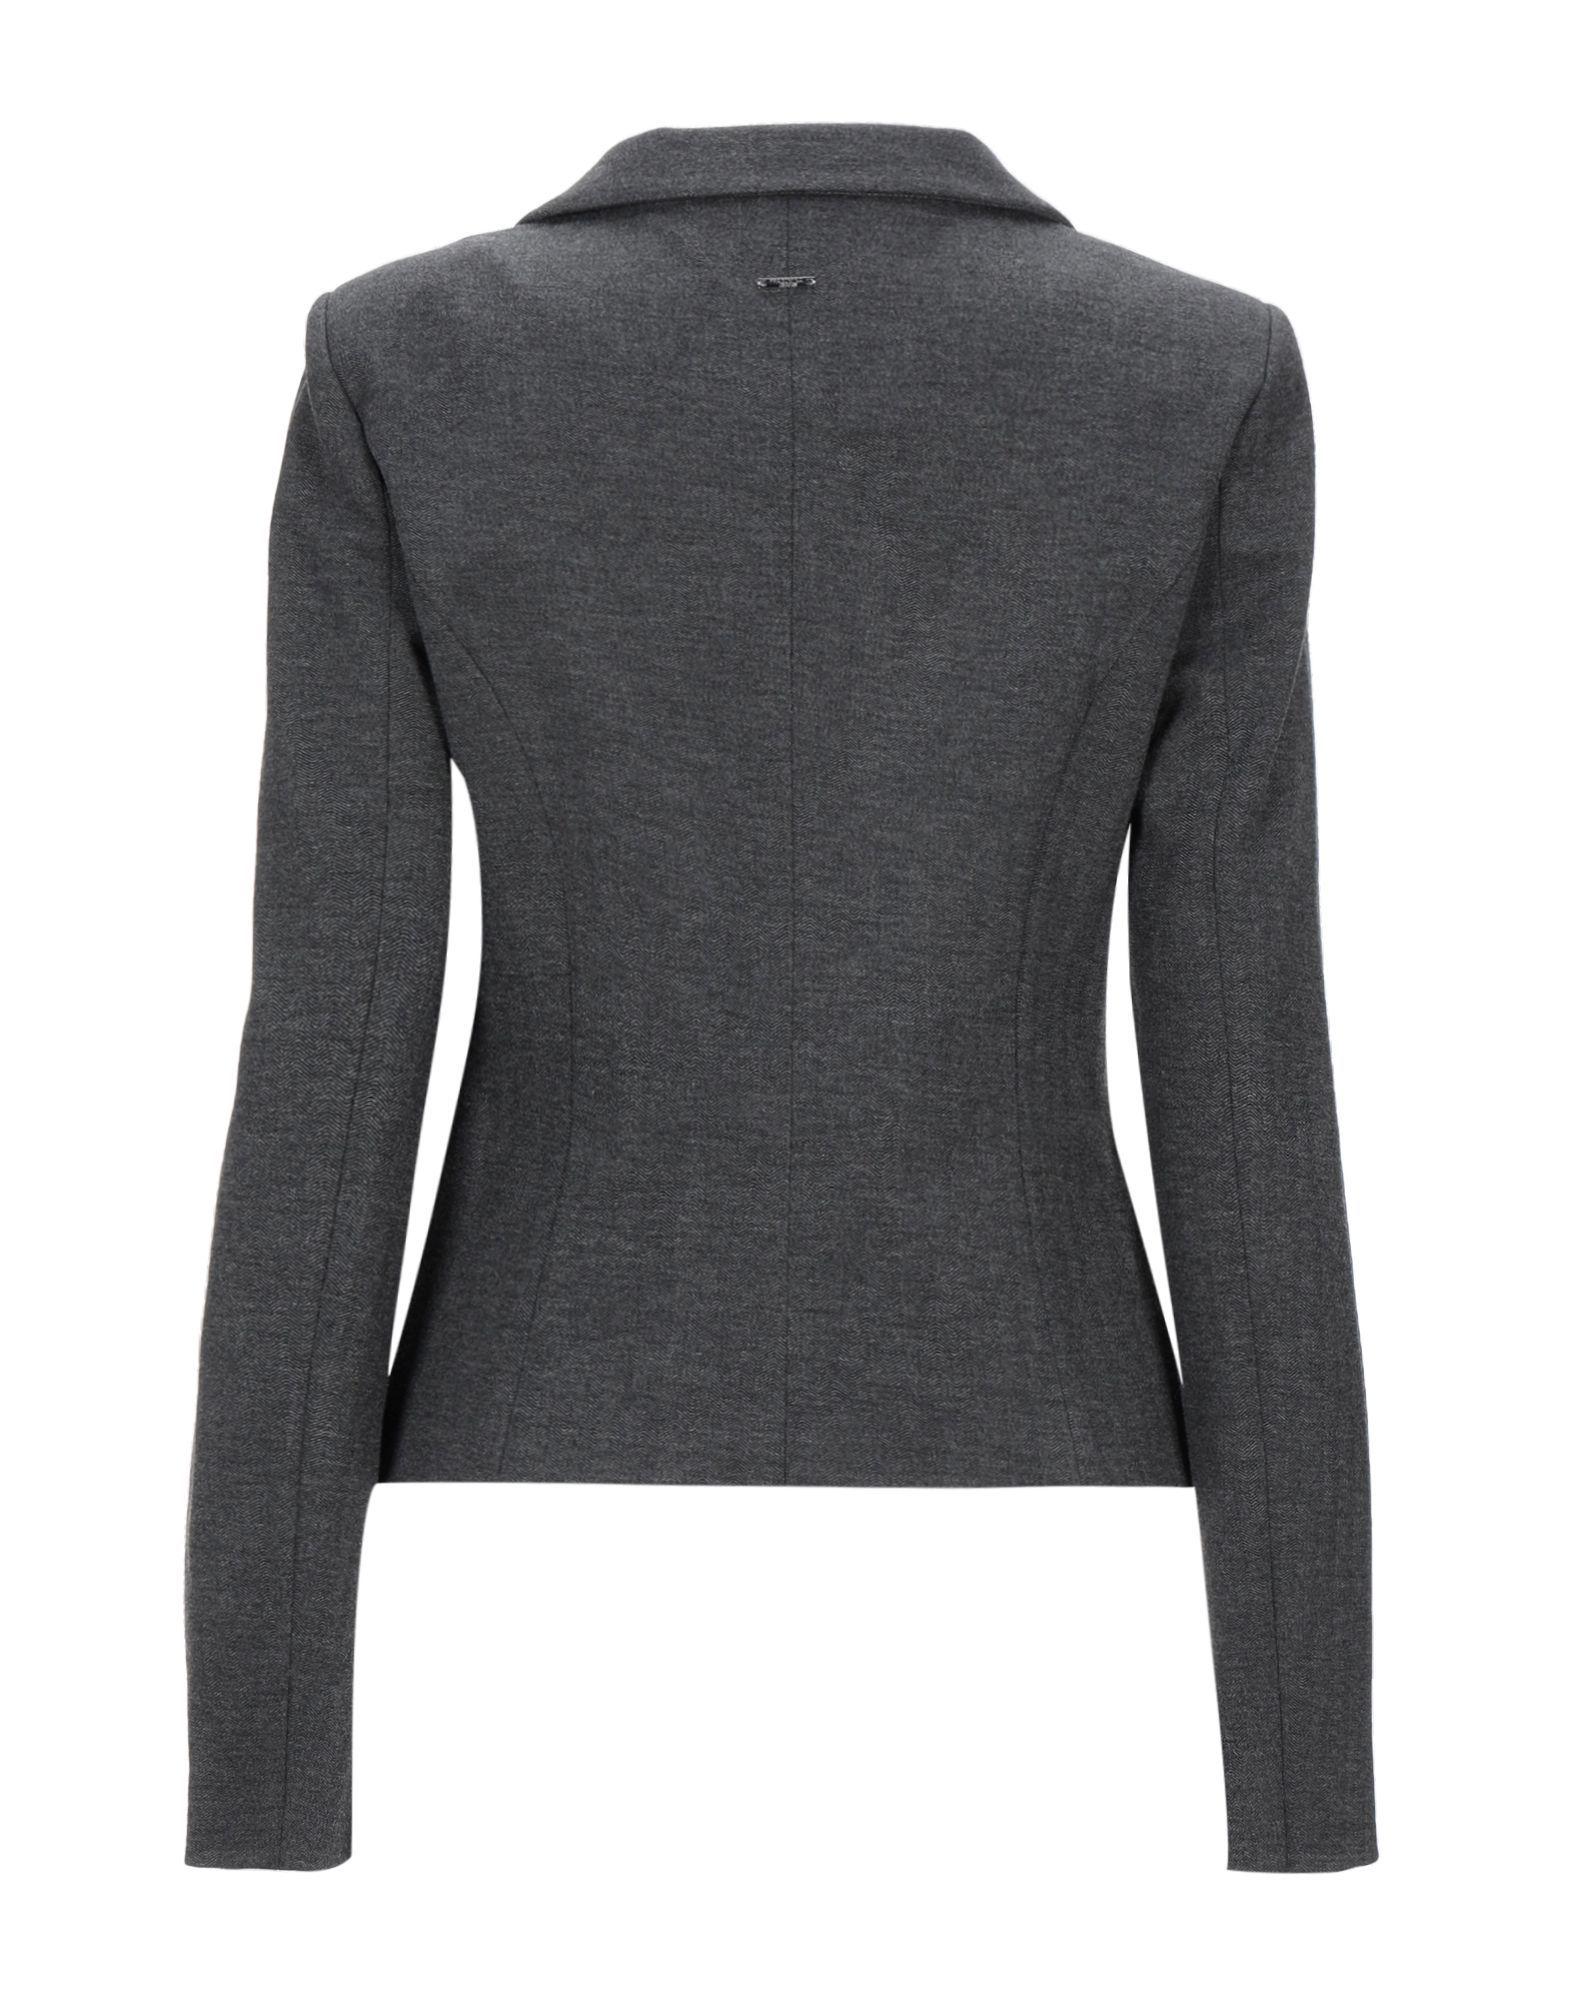 Fracomina Steel Grey Herringbone Single Breasted Jacket